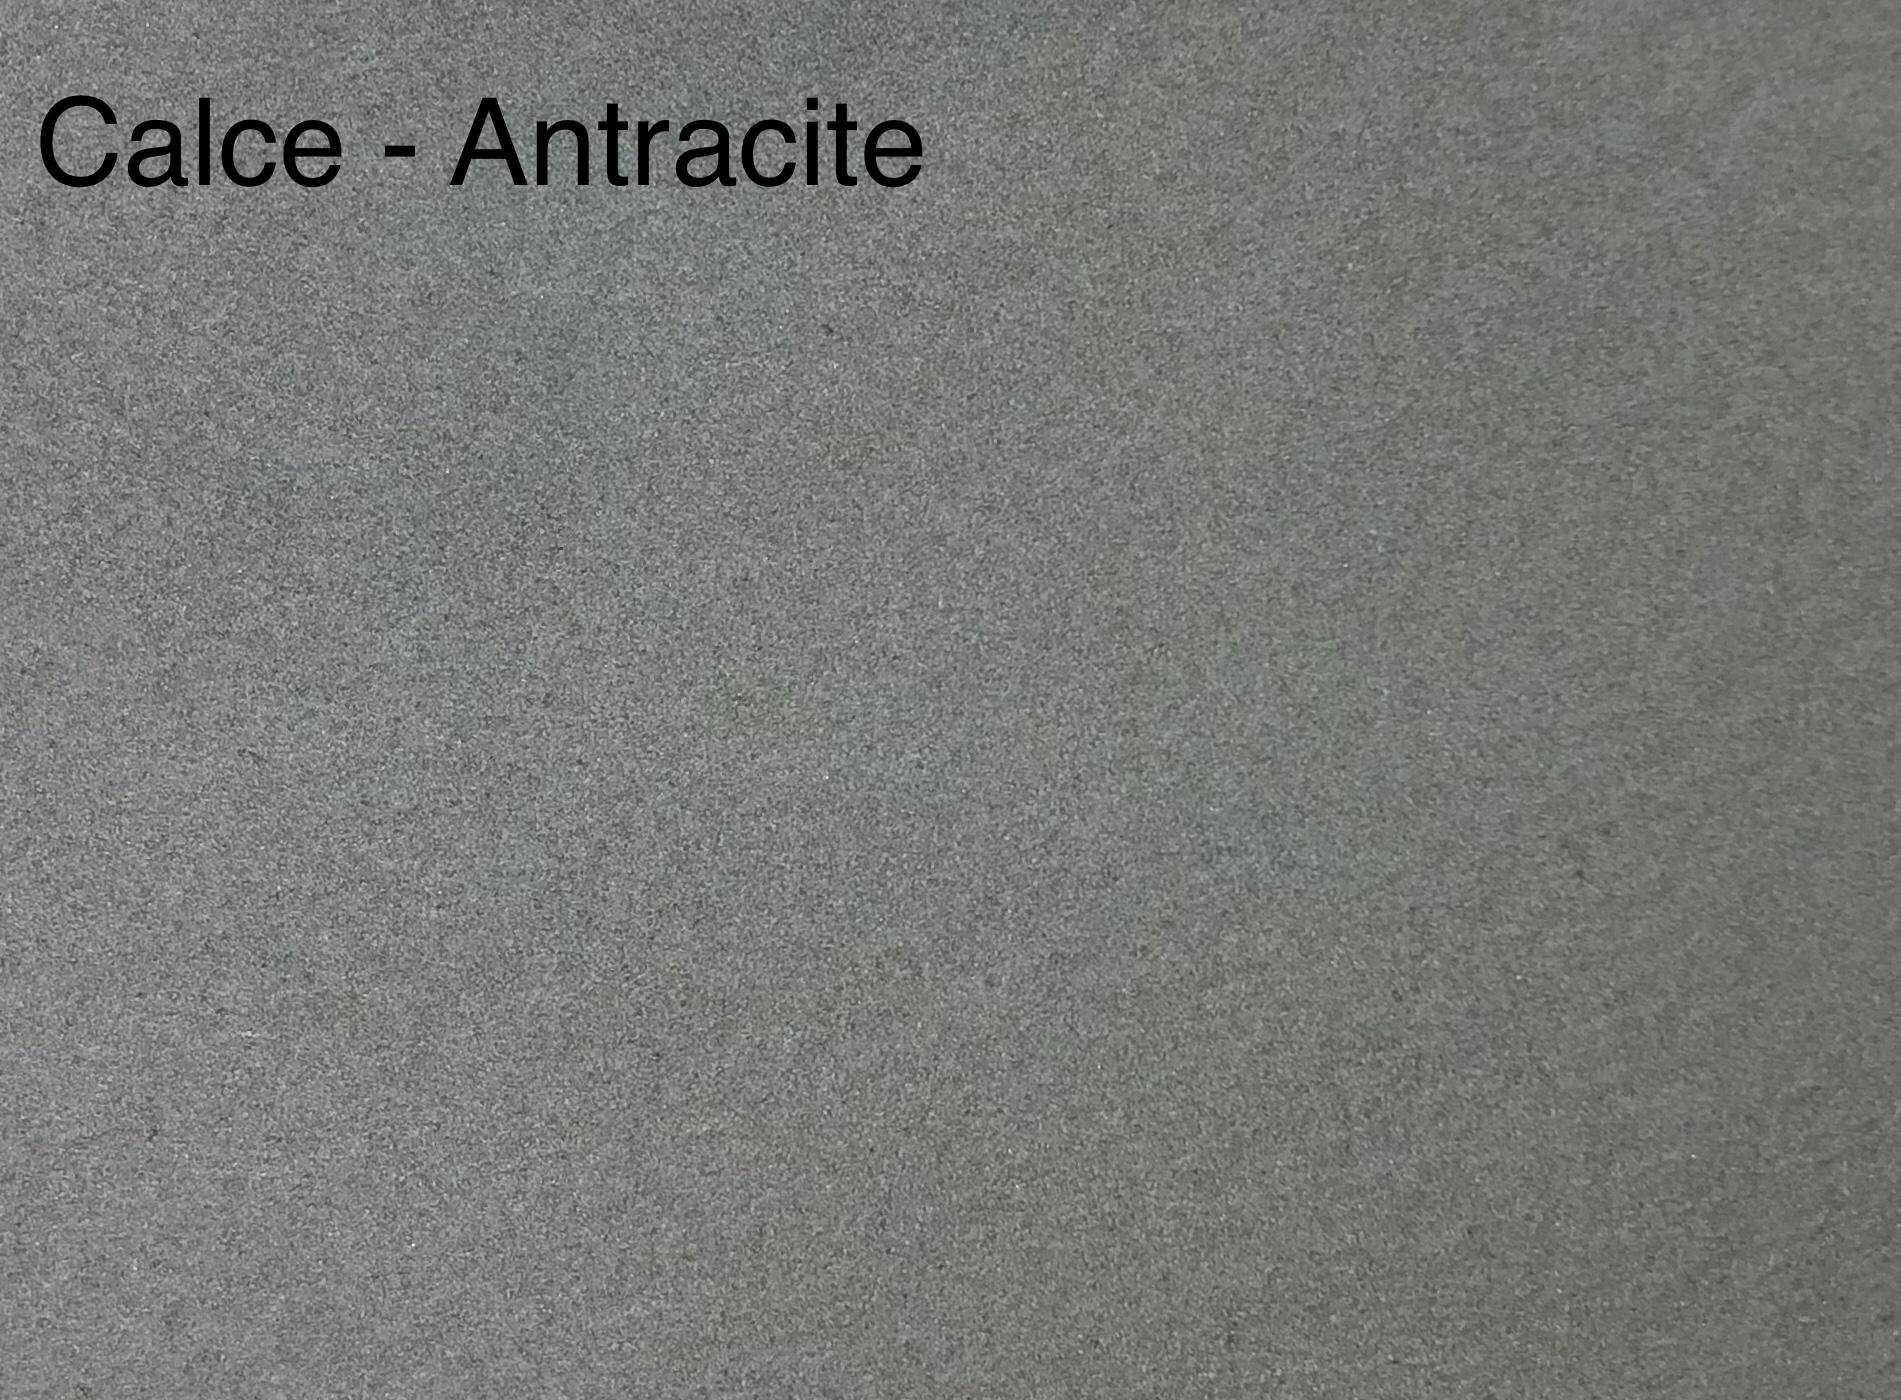 CALCE - ANTRACITE